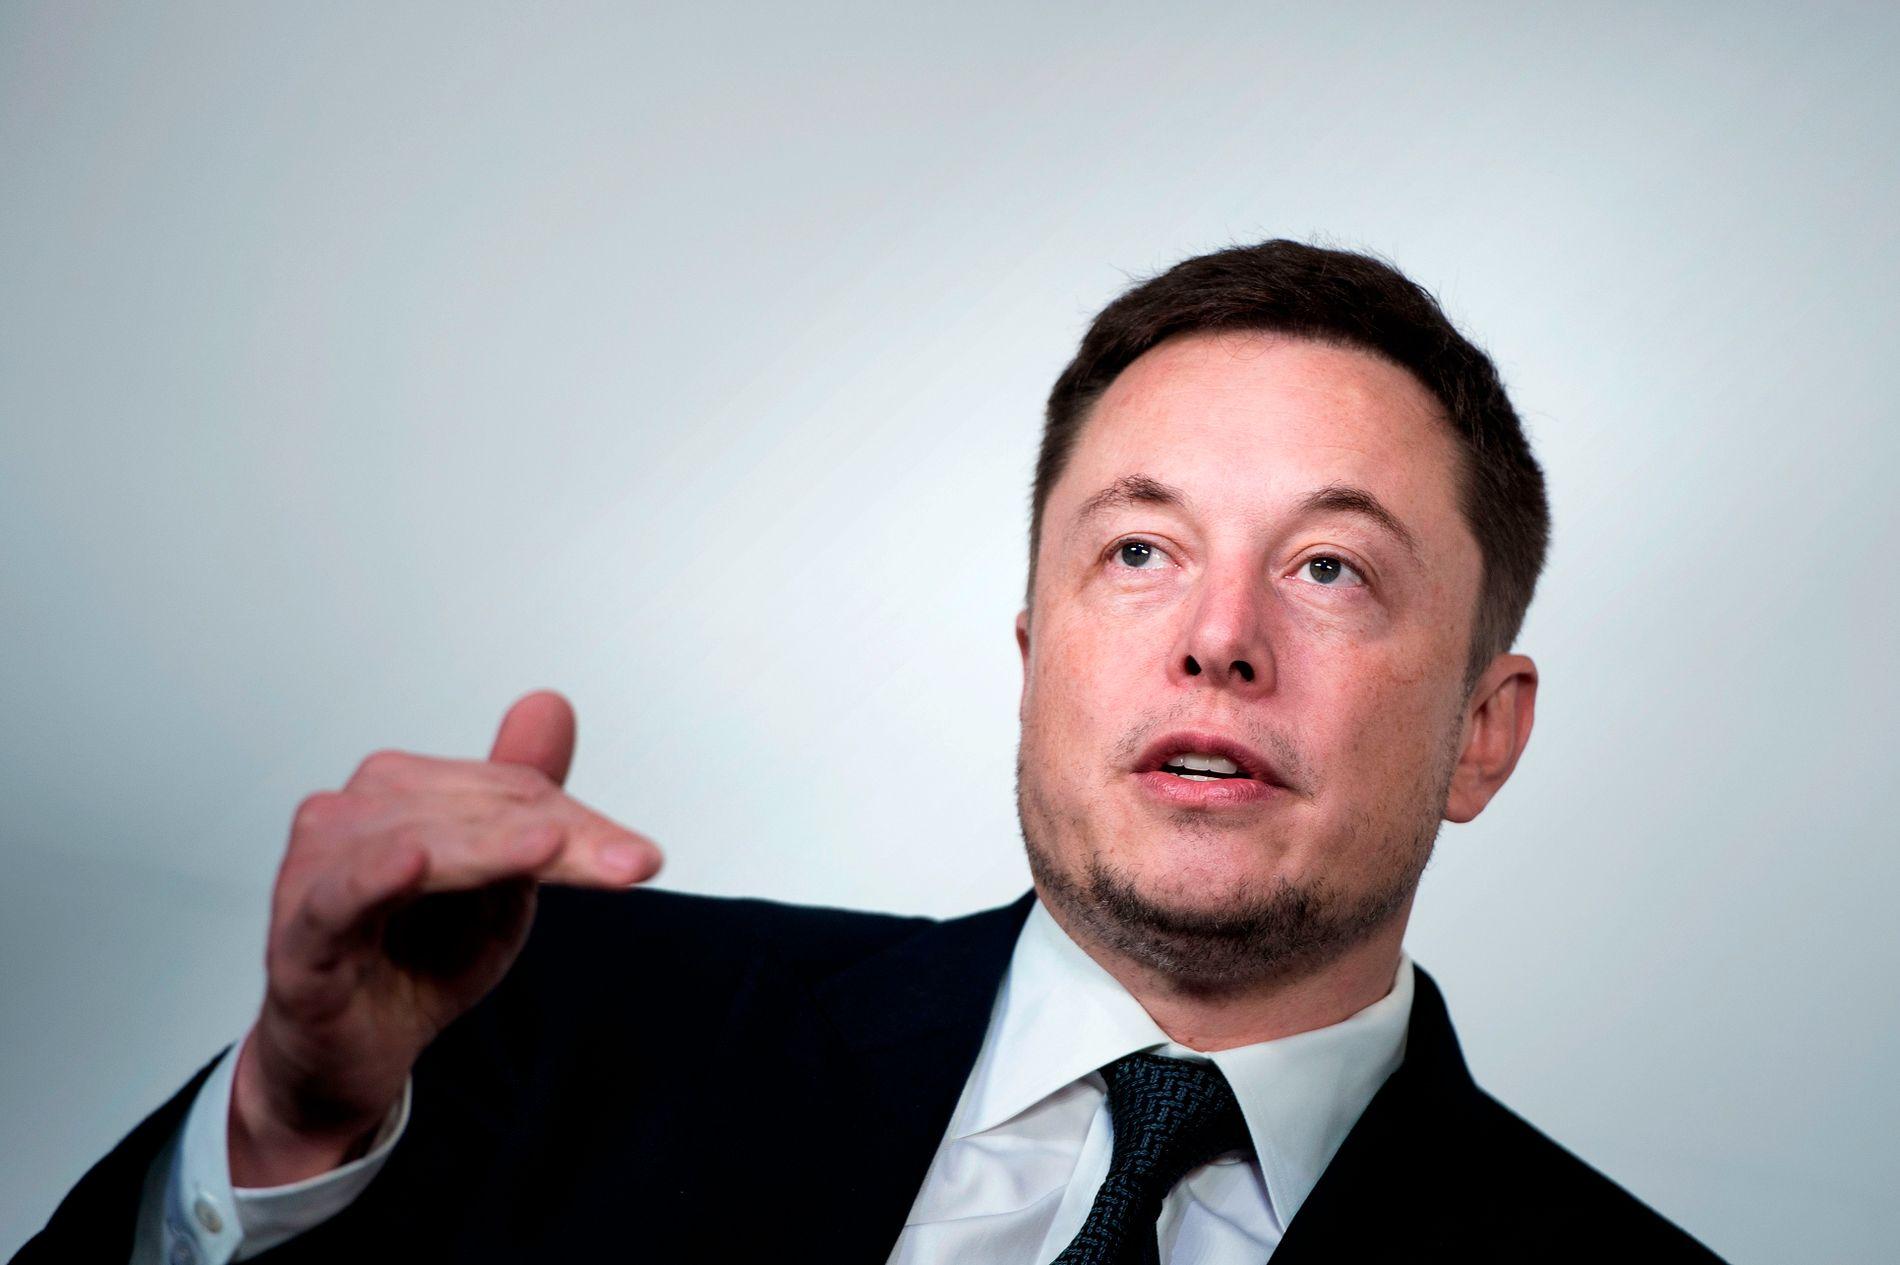 SLÅR TILBAKE: Elon Musk kaller en av grottedykkerne «pedo» etter han slaktet Muks miniubåt.